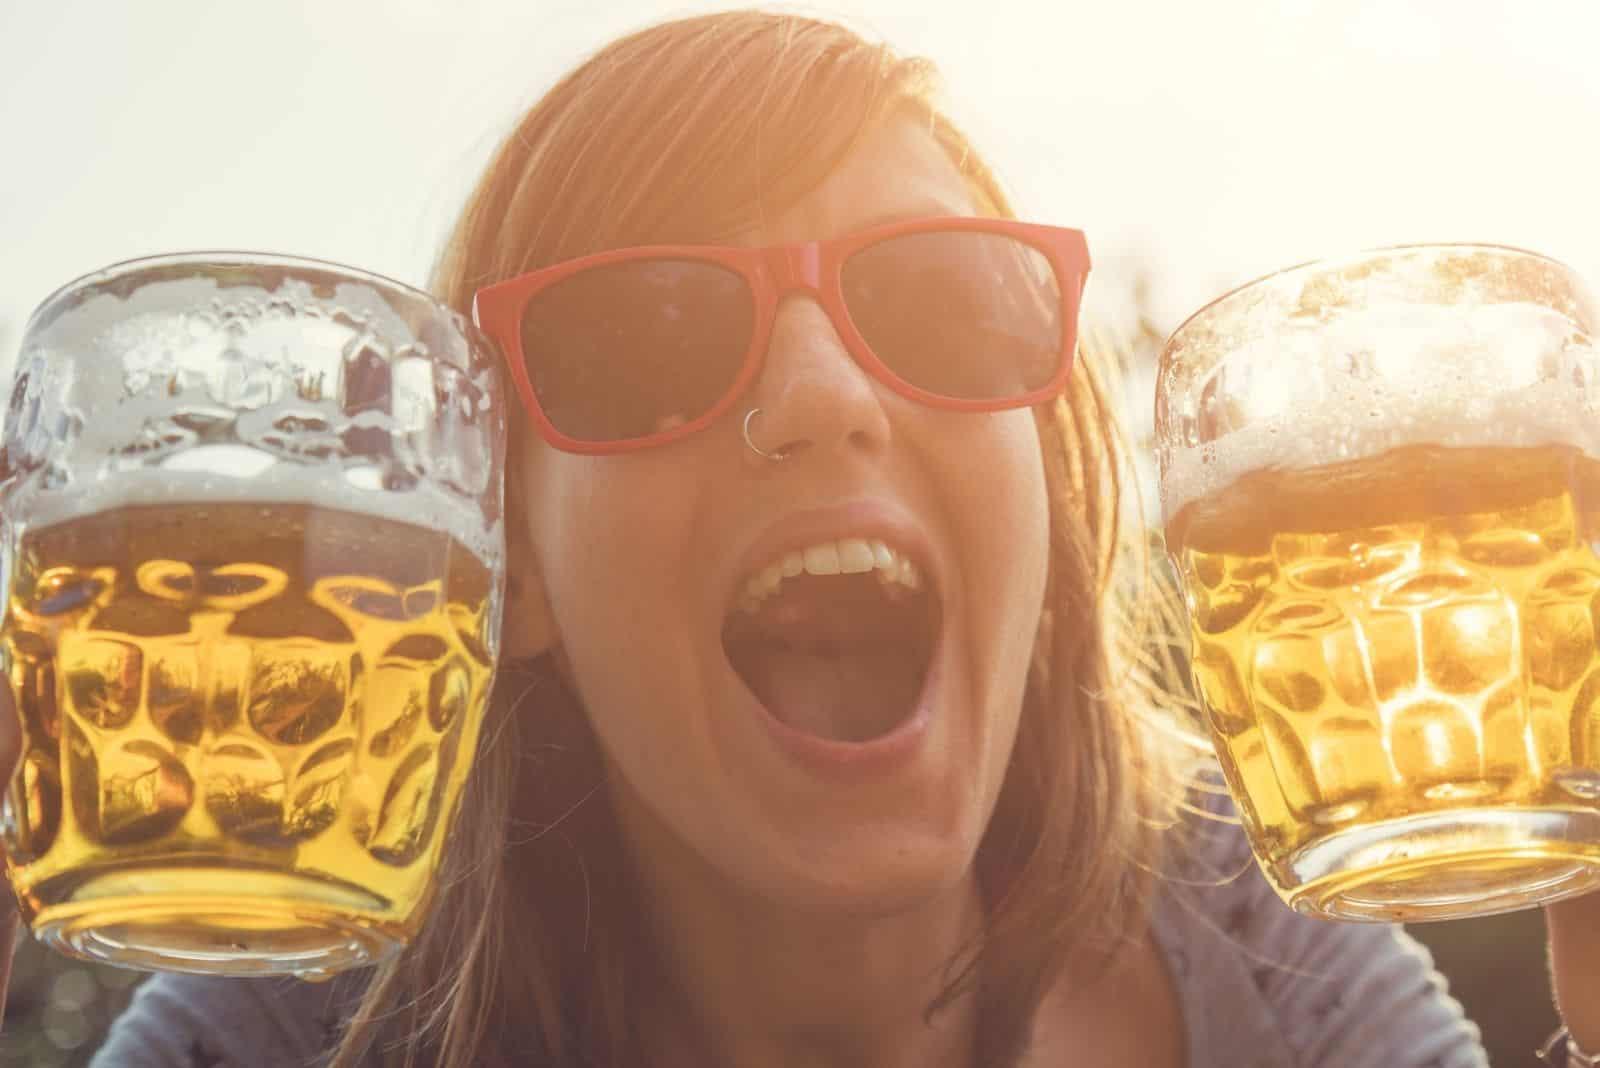 Mädchen trinkt Bier Sonnenbrille tragen und zwei Bier in der Hand halten